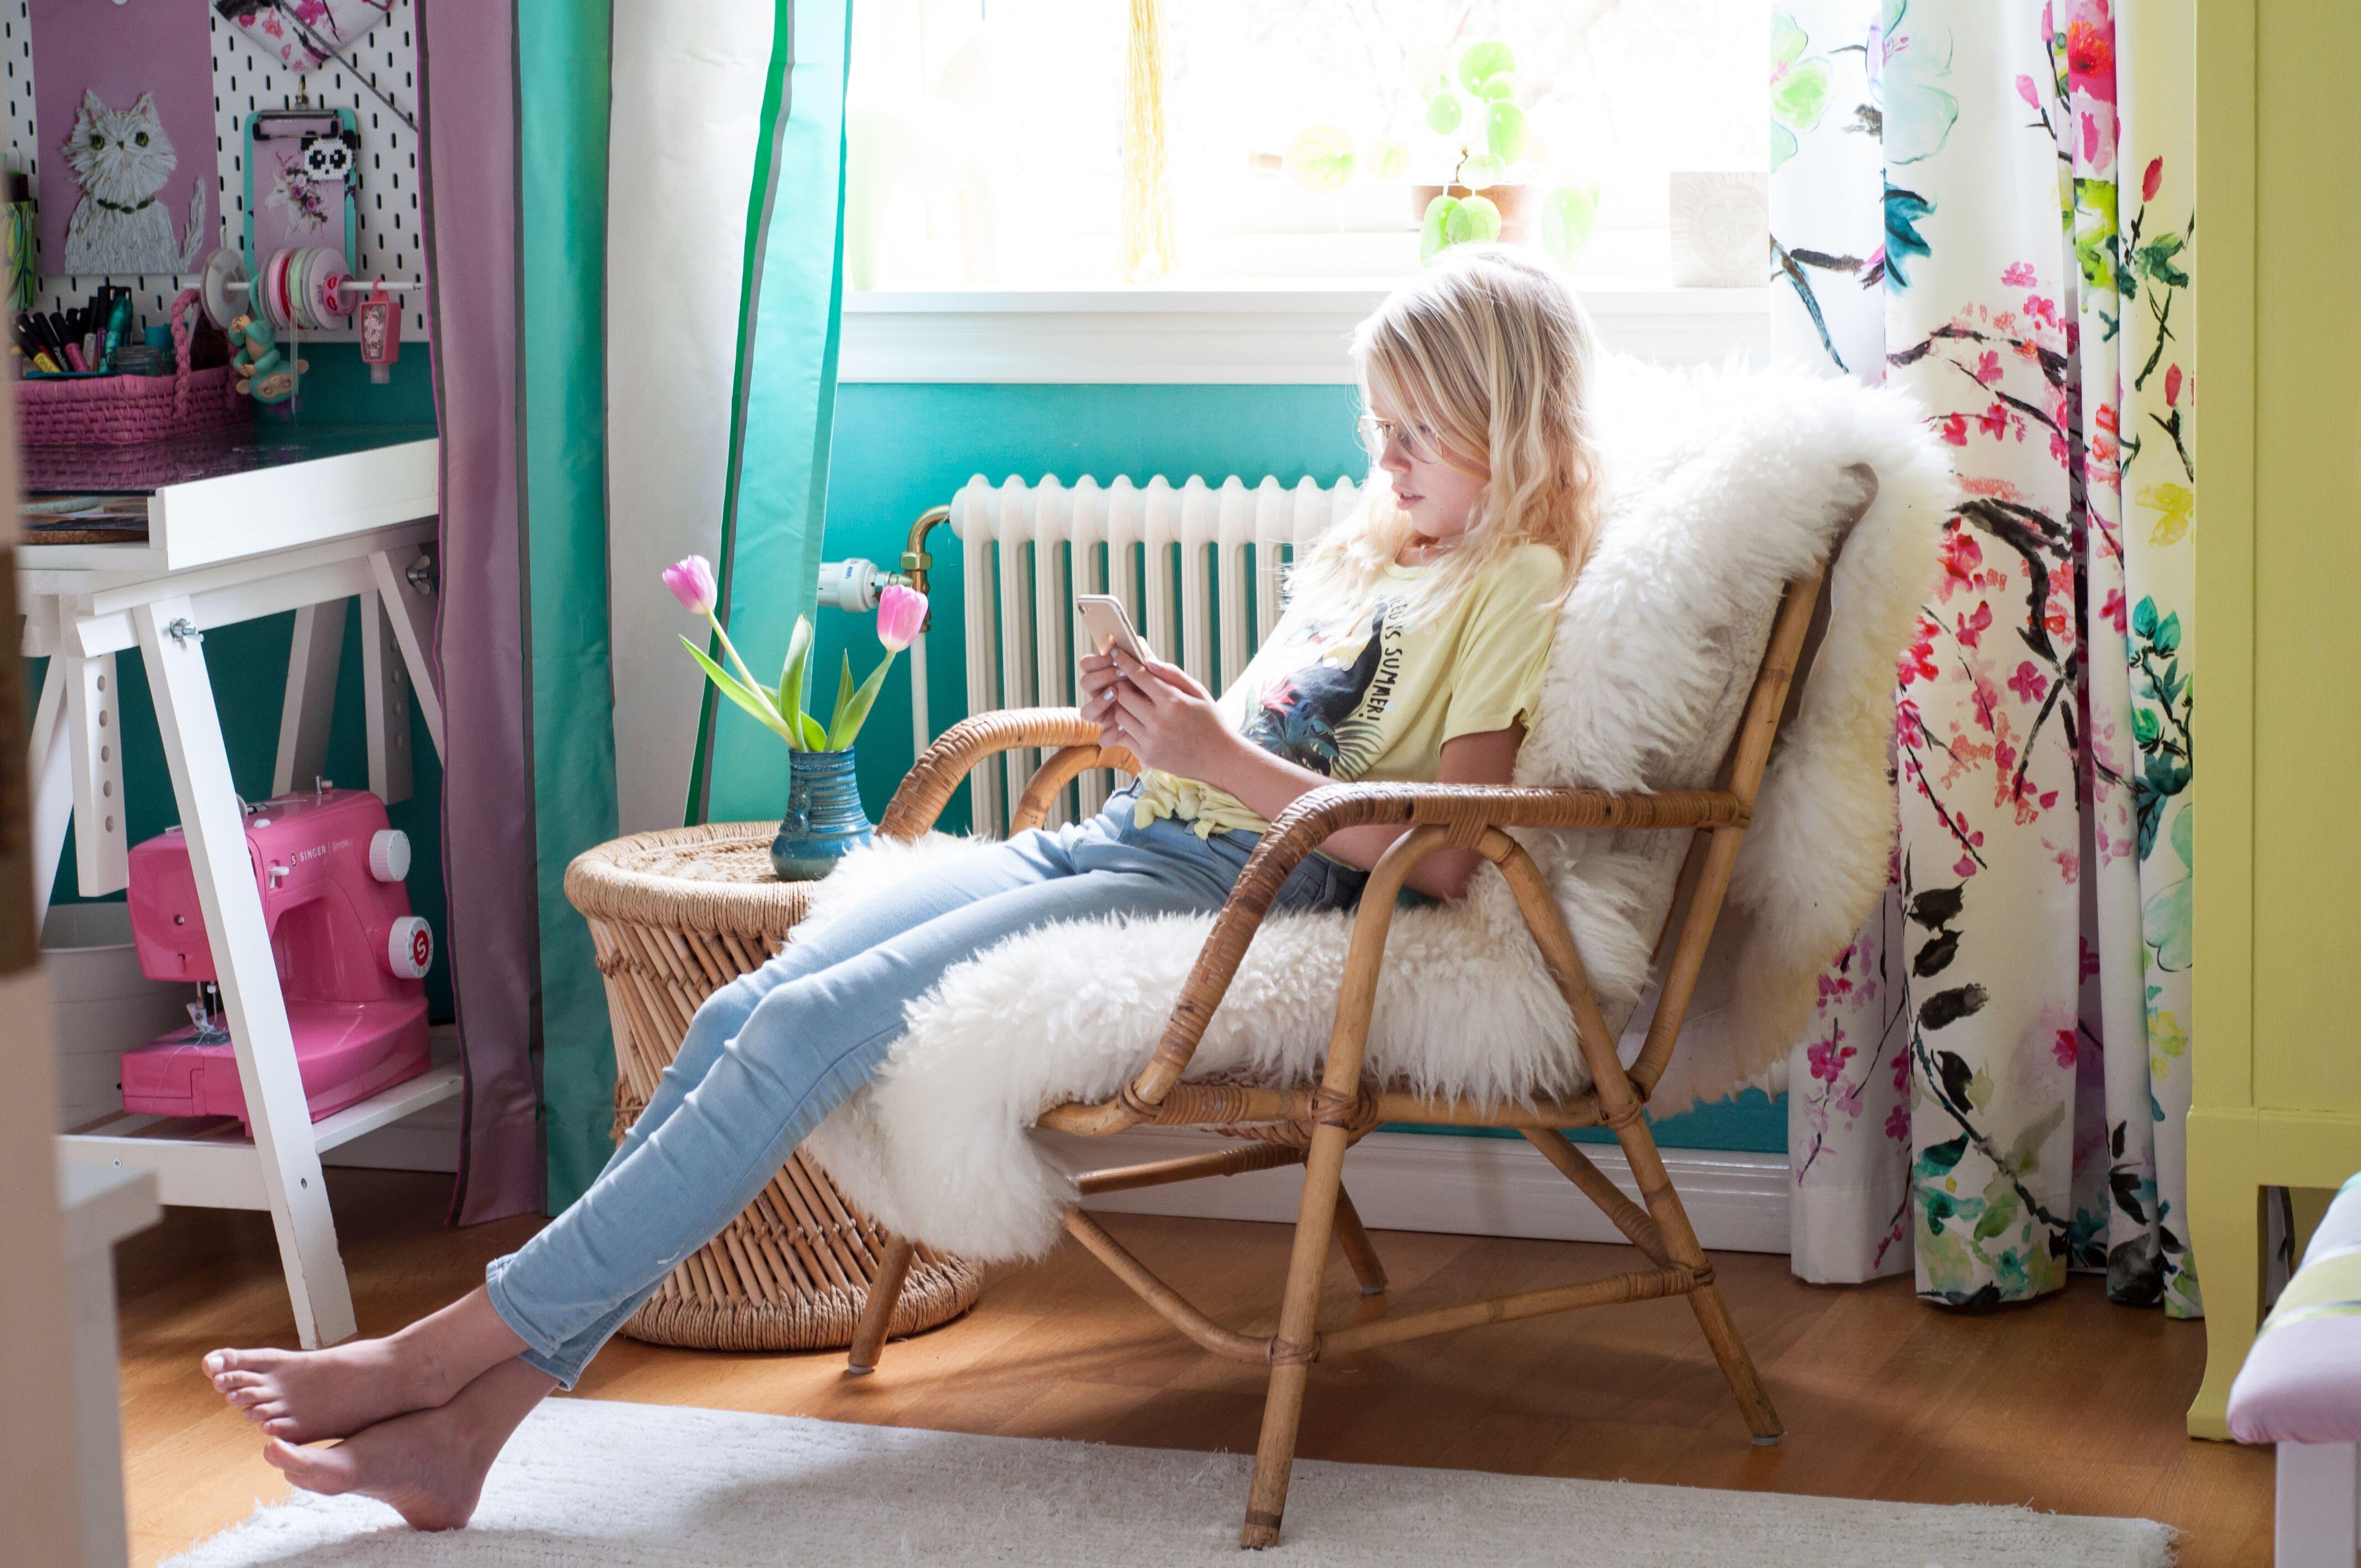 Från barnrum till tweenierum - Hur du inreder ett sovrum till din tweenie av Leonor Juhl K, Fröken Turkos